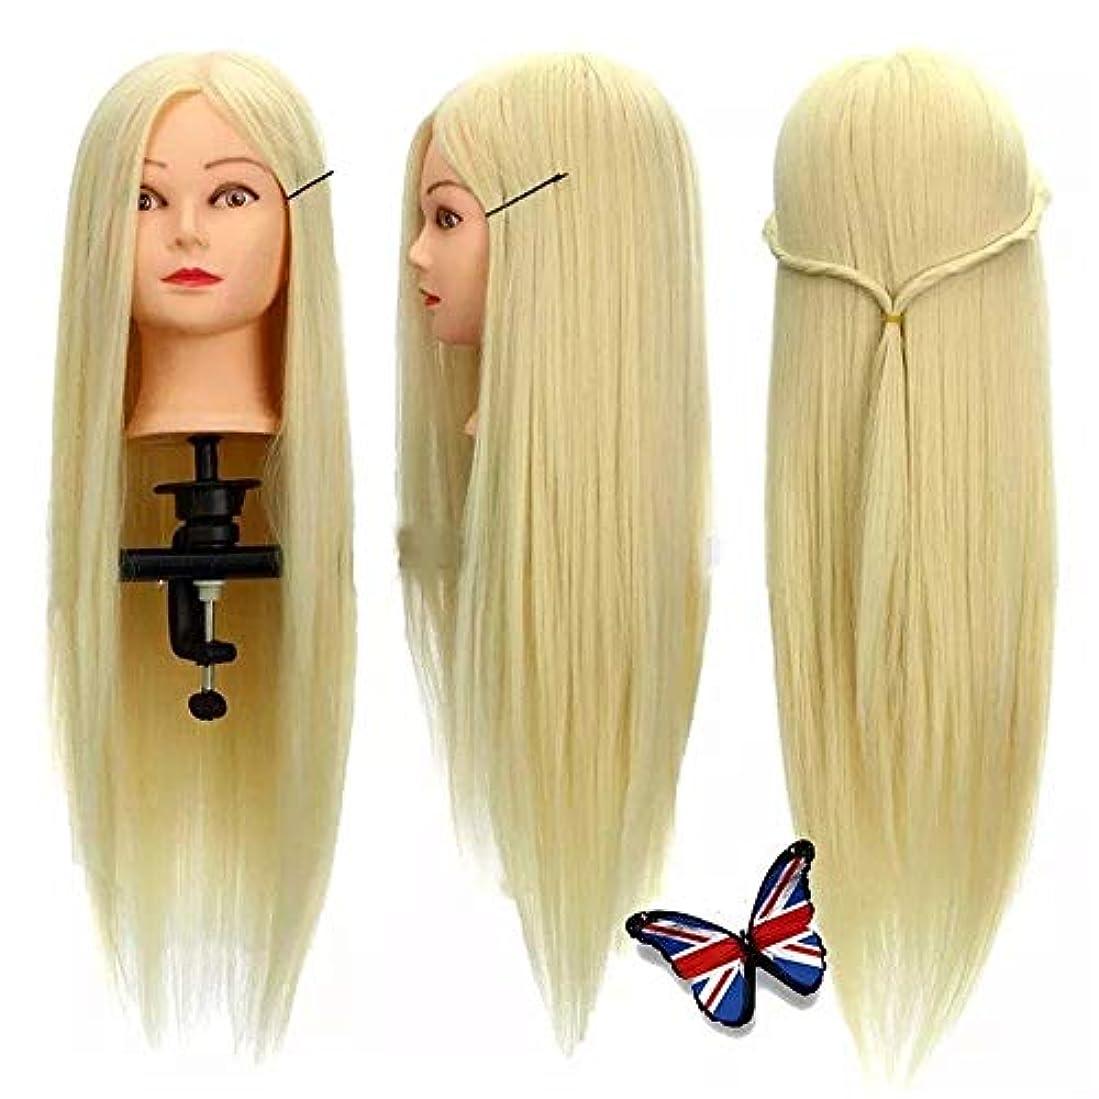 ペイントインシデント確認ヘアマネキンヘッド 30%の本物の人間の髪の毛のトレーニング頭部サロン理髪カットマネキンでクランプでクランプホルダ ヘア理髪トレーニングモデル付き (色 : Blonde, サイズ : As picture shows)